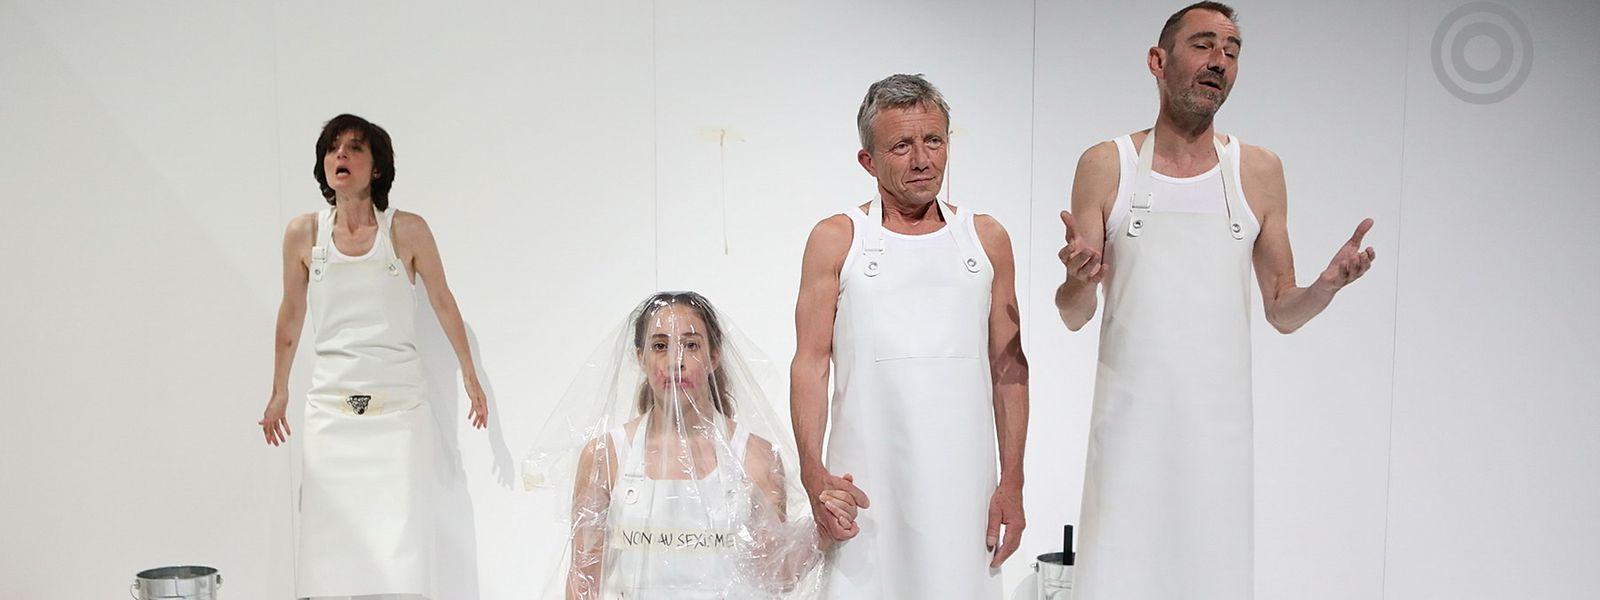 «Révolte», mise en scène par Sophie Langevin, est un kaléidoscope révélateur.